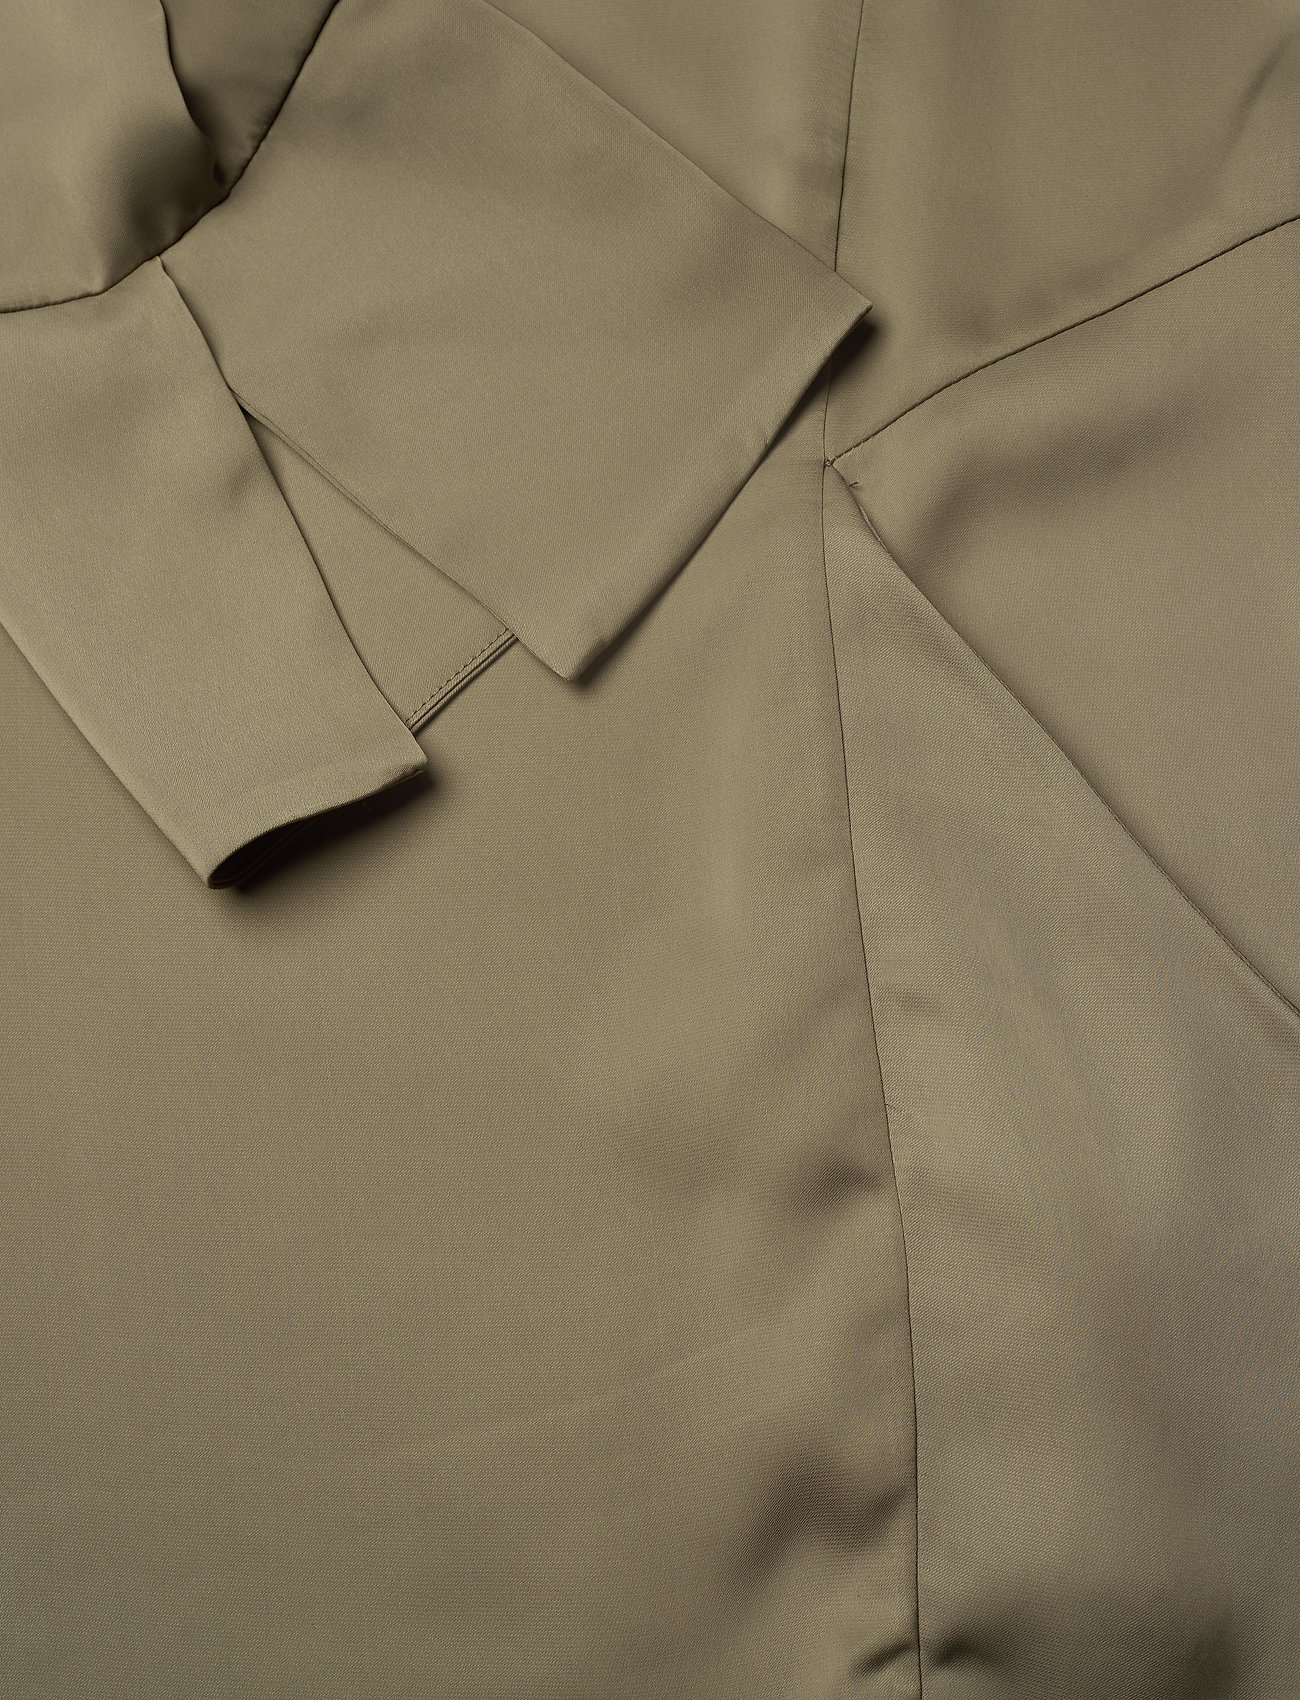 Whyred LILIAN DRESS - Kleider MILITARY GREEN - Damen Kleidung